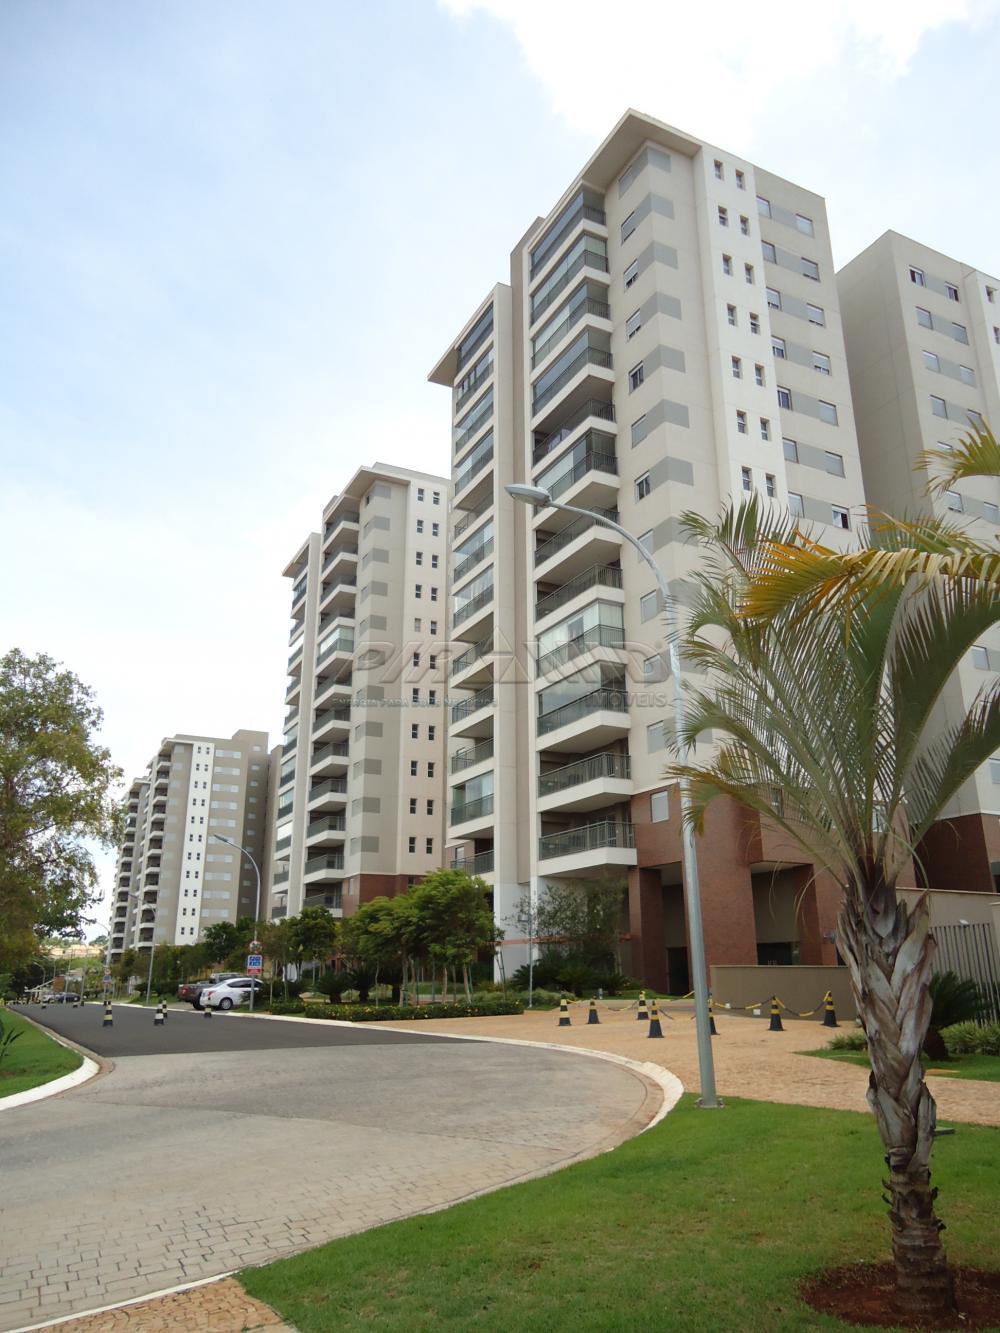 Comprar Apartamento / Padrão em Ribeirão Preto R$ 730.000,00 - Foto 7